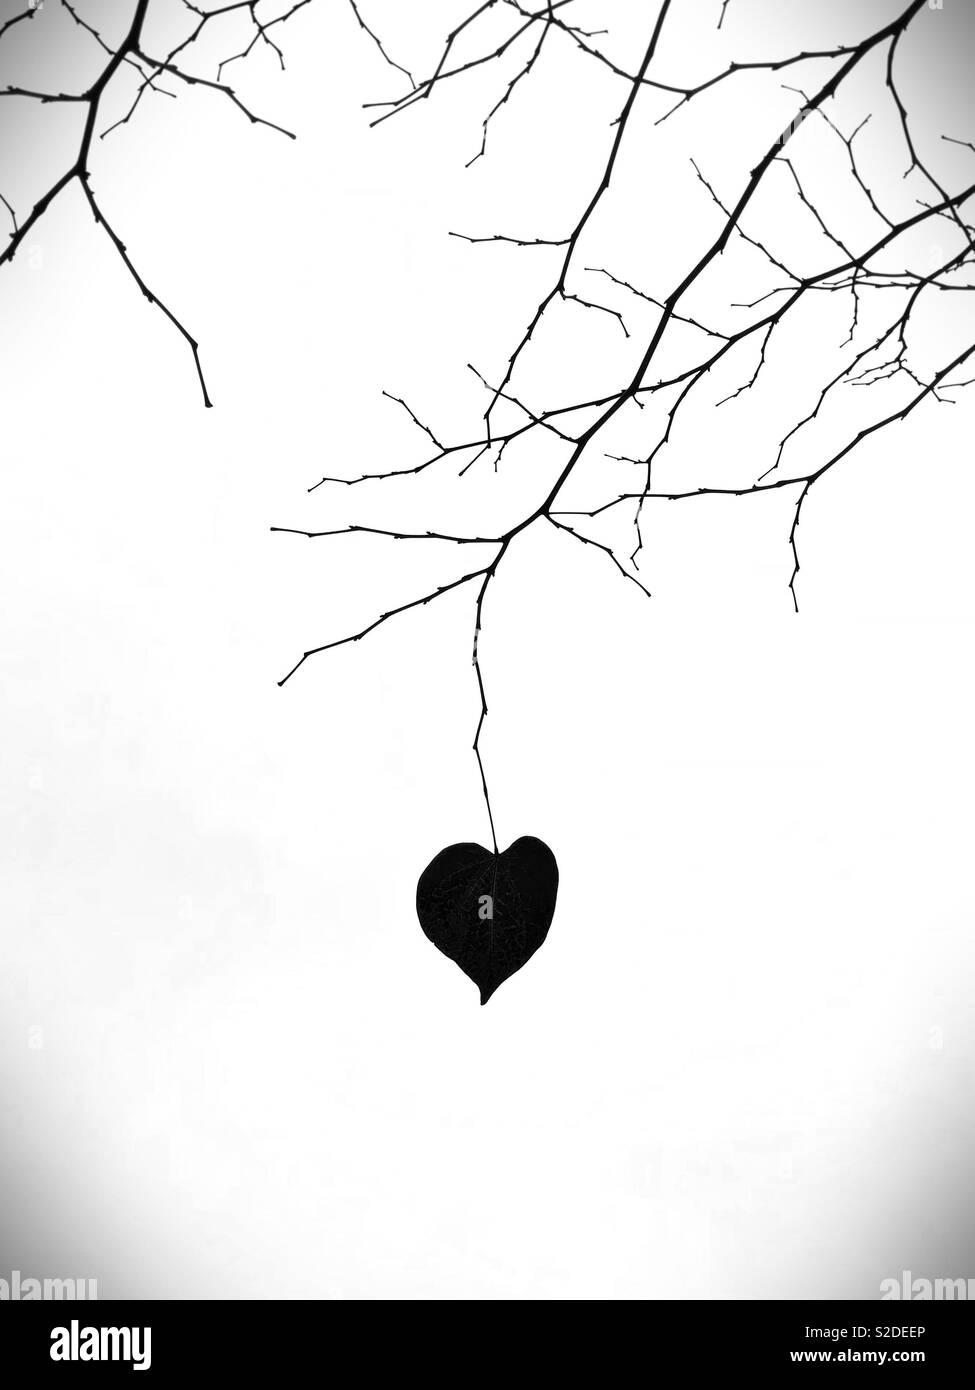 Un solitario a forma di cuore sulla foglia di un ramo nudo. Immagini Stock